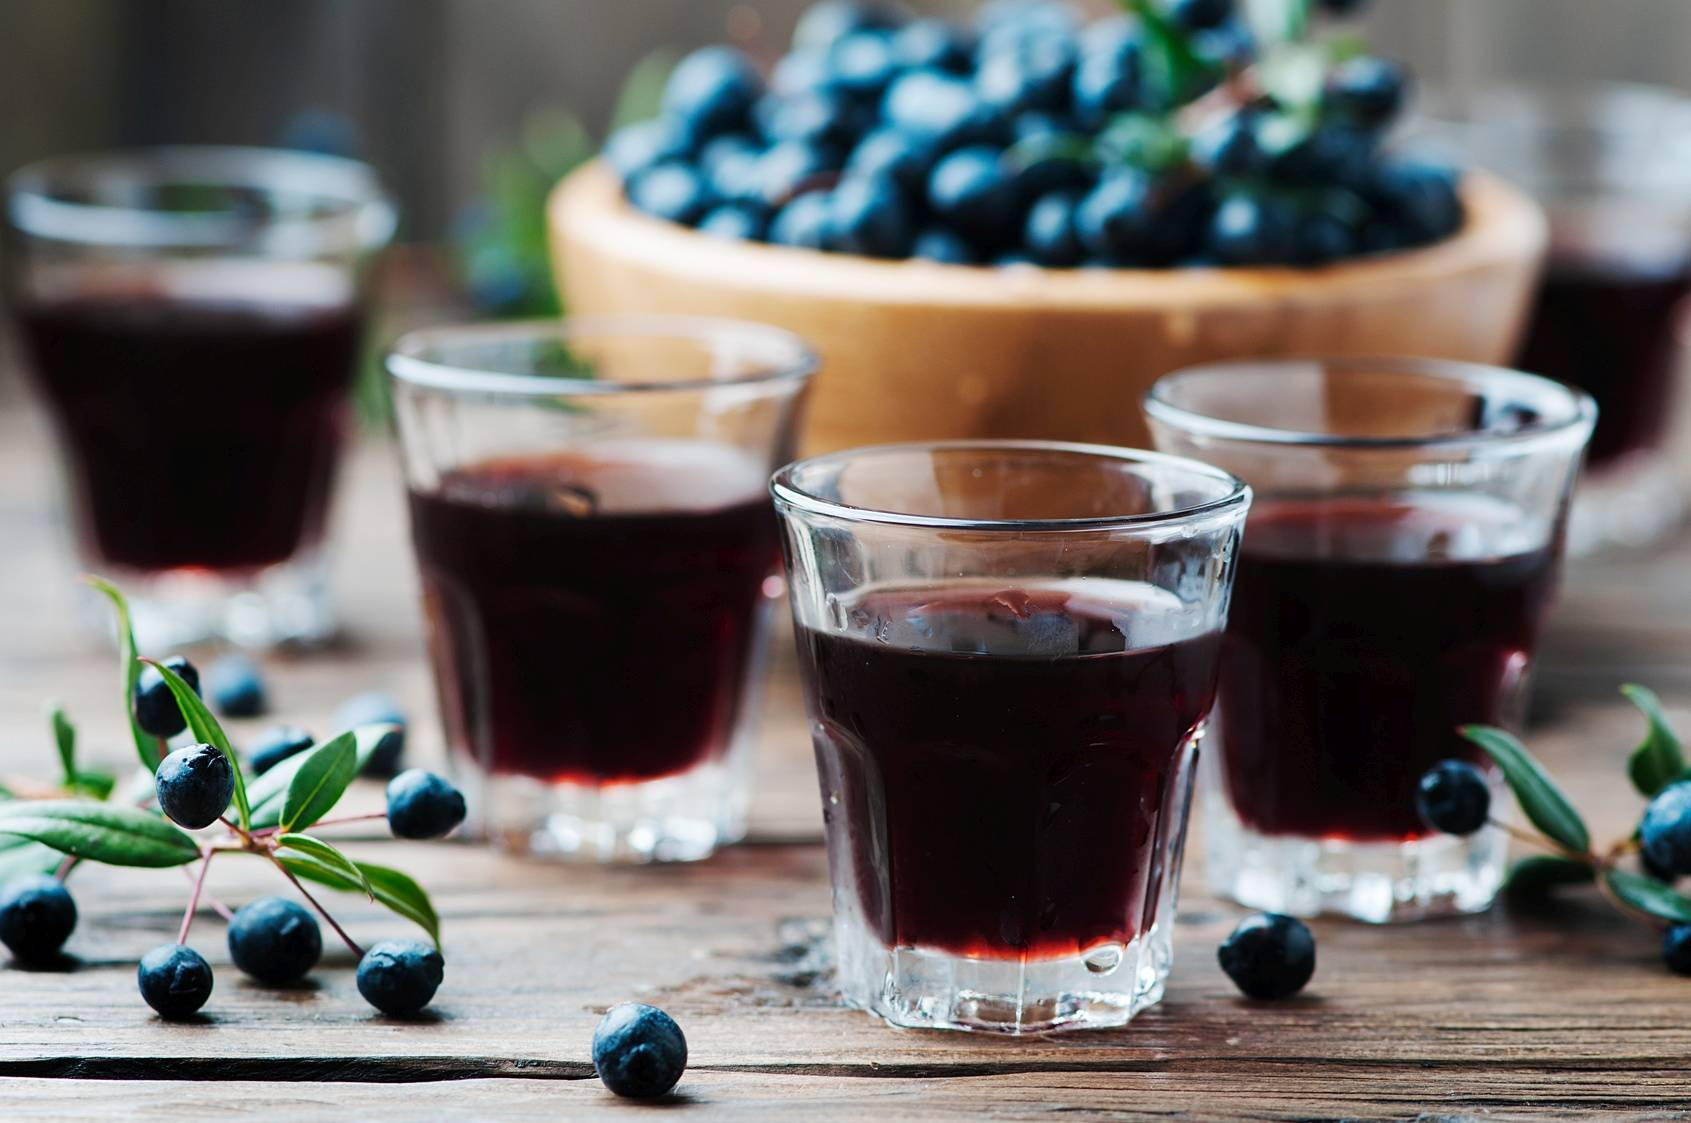 Nalewki lecznicze. Na drewnianym stole stoją kieliszki z nalewką z ciemnych owoców, w tle stoi drewniana miska z granatowymi owocami.